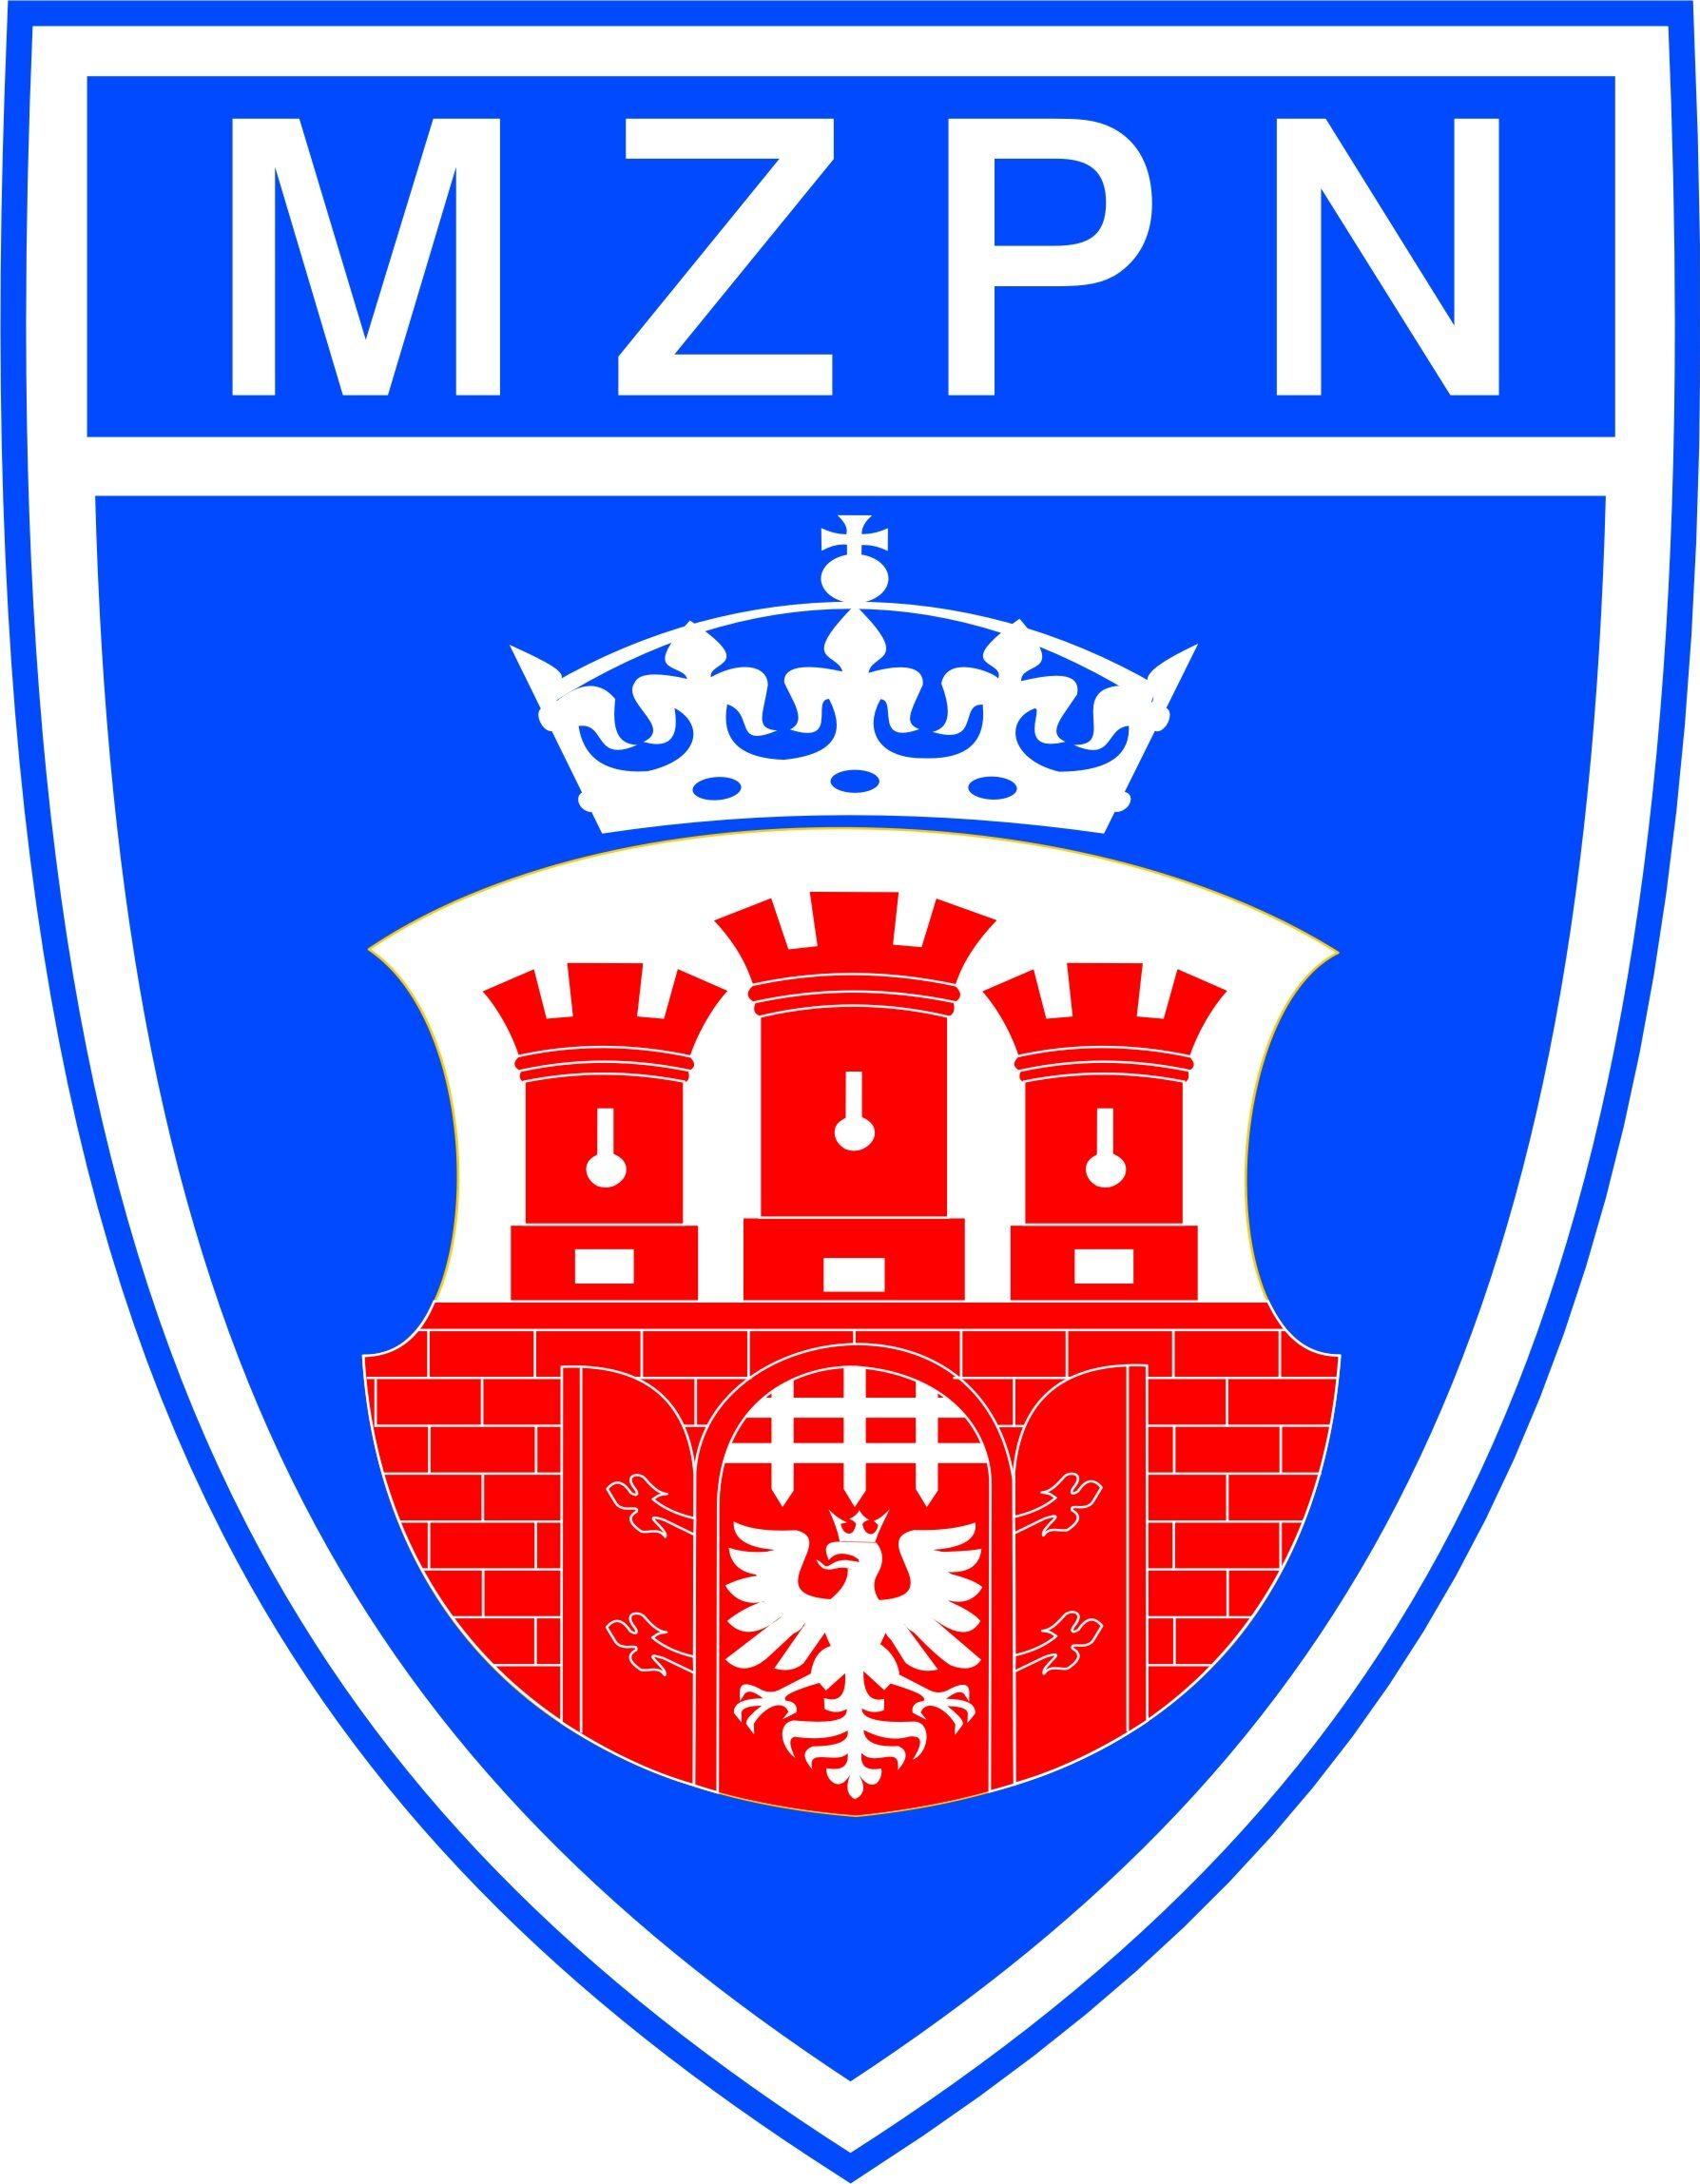 MZPN Podokręg Brzesko